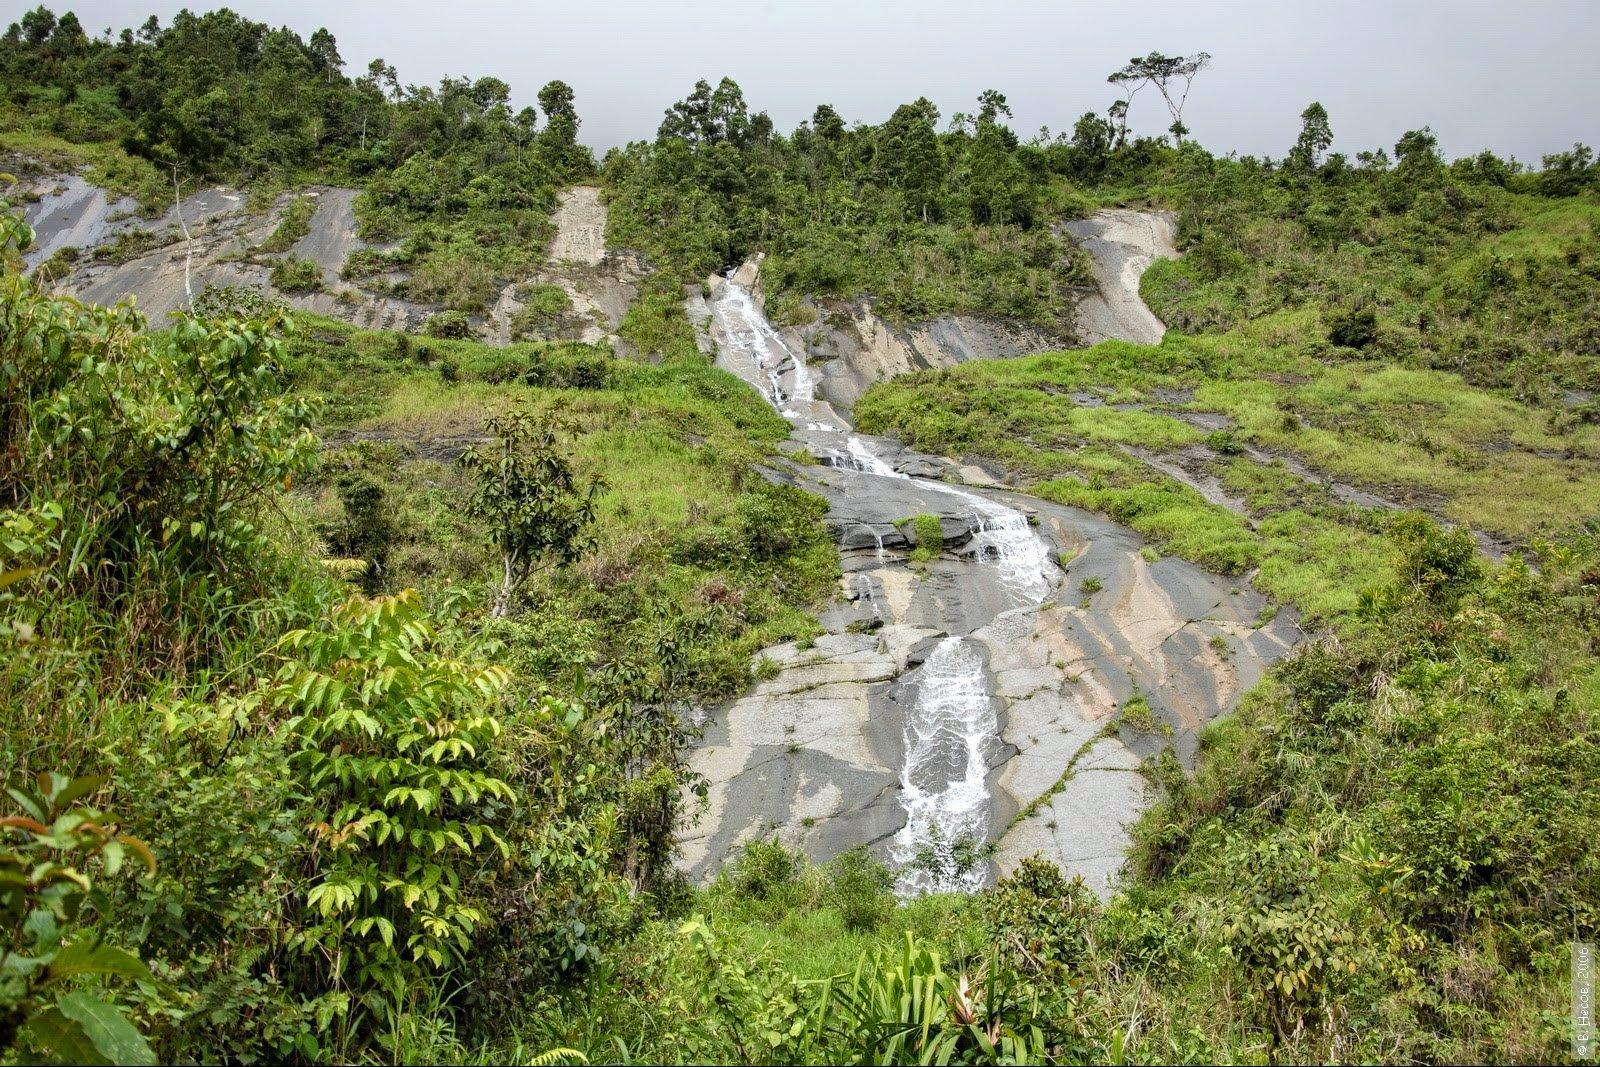 Putovanje Indonezija - Papua - Festival i treking u dolini Baliem (4)